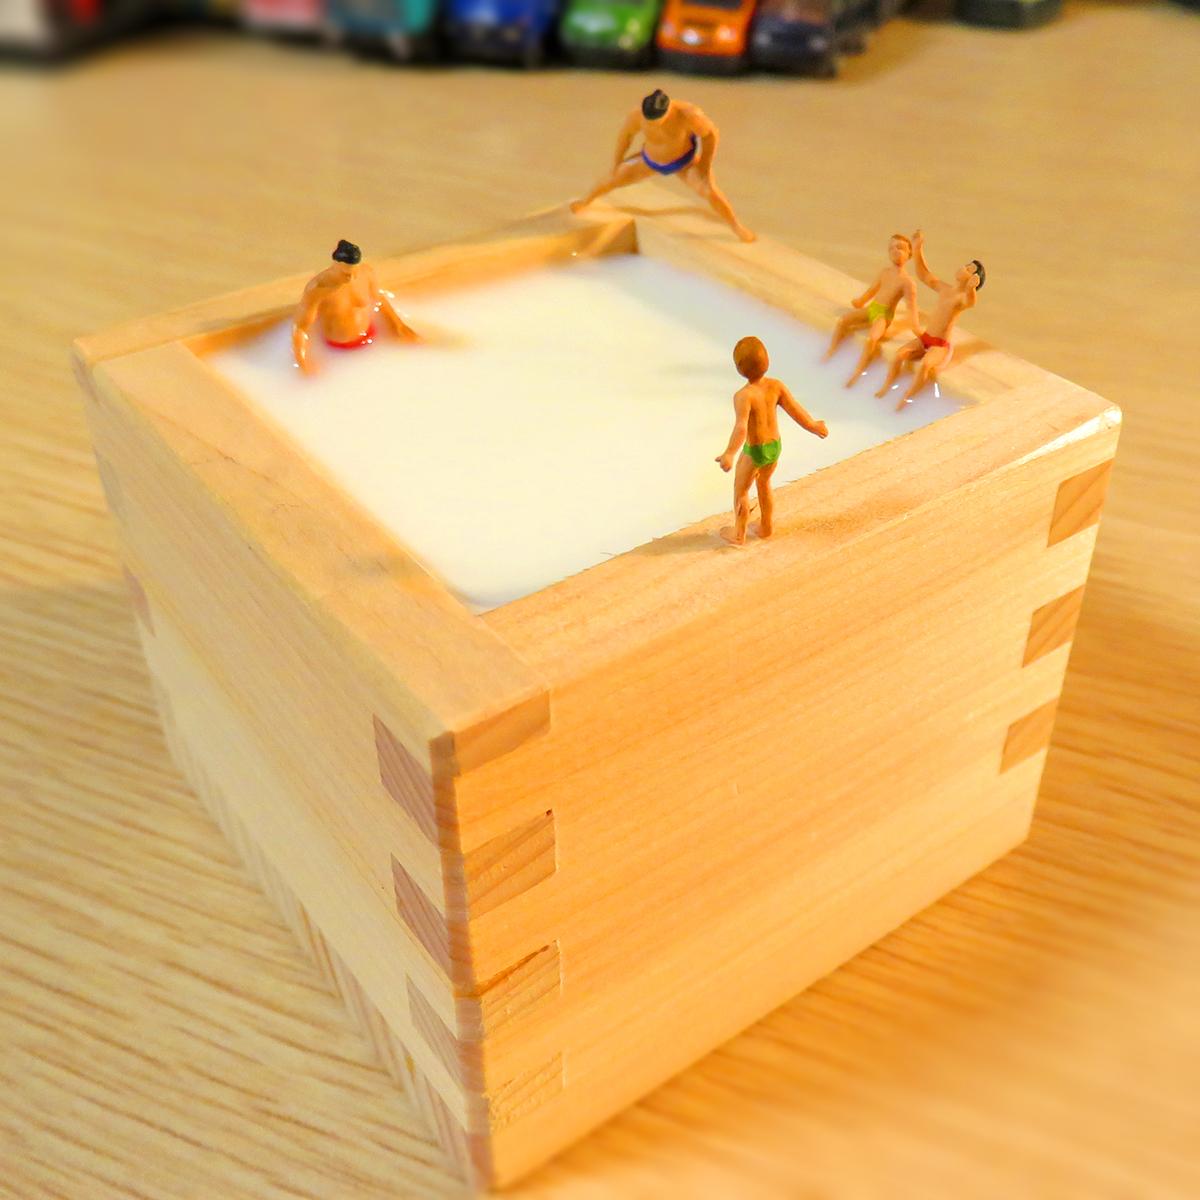 10月10日は銭湯の日!升ミルク風呂に浸かるお相撲さんと子供たち